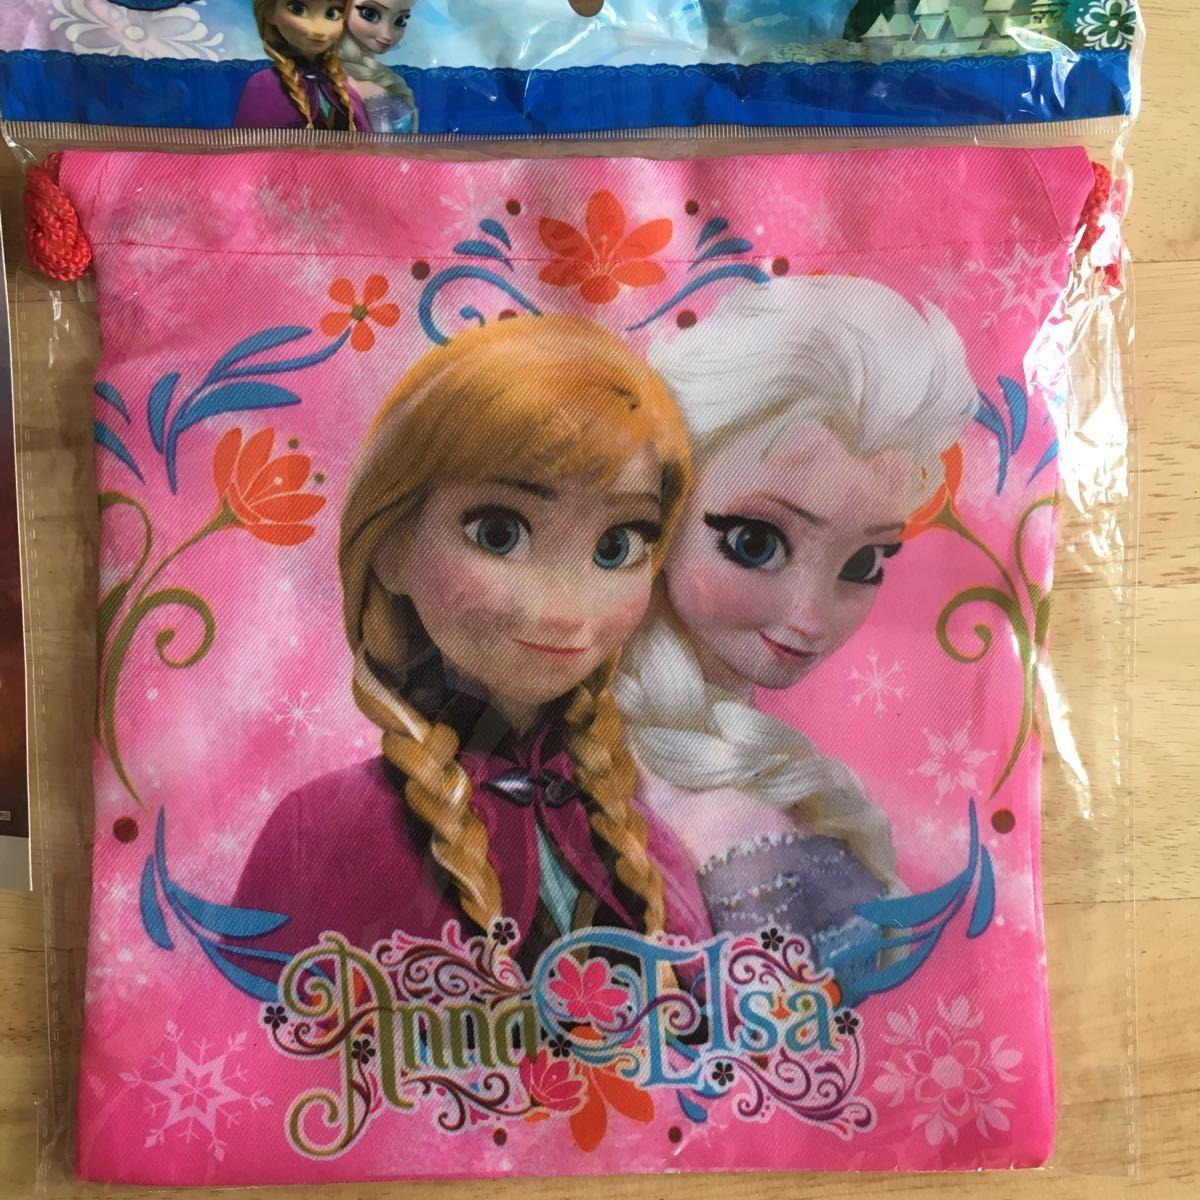 新品 アナ雪 アナと雪の女王 巾着 キーホルダー シール